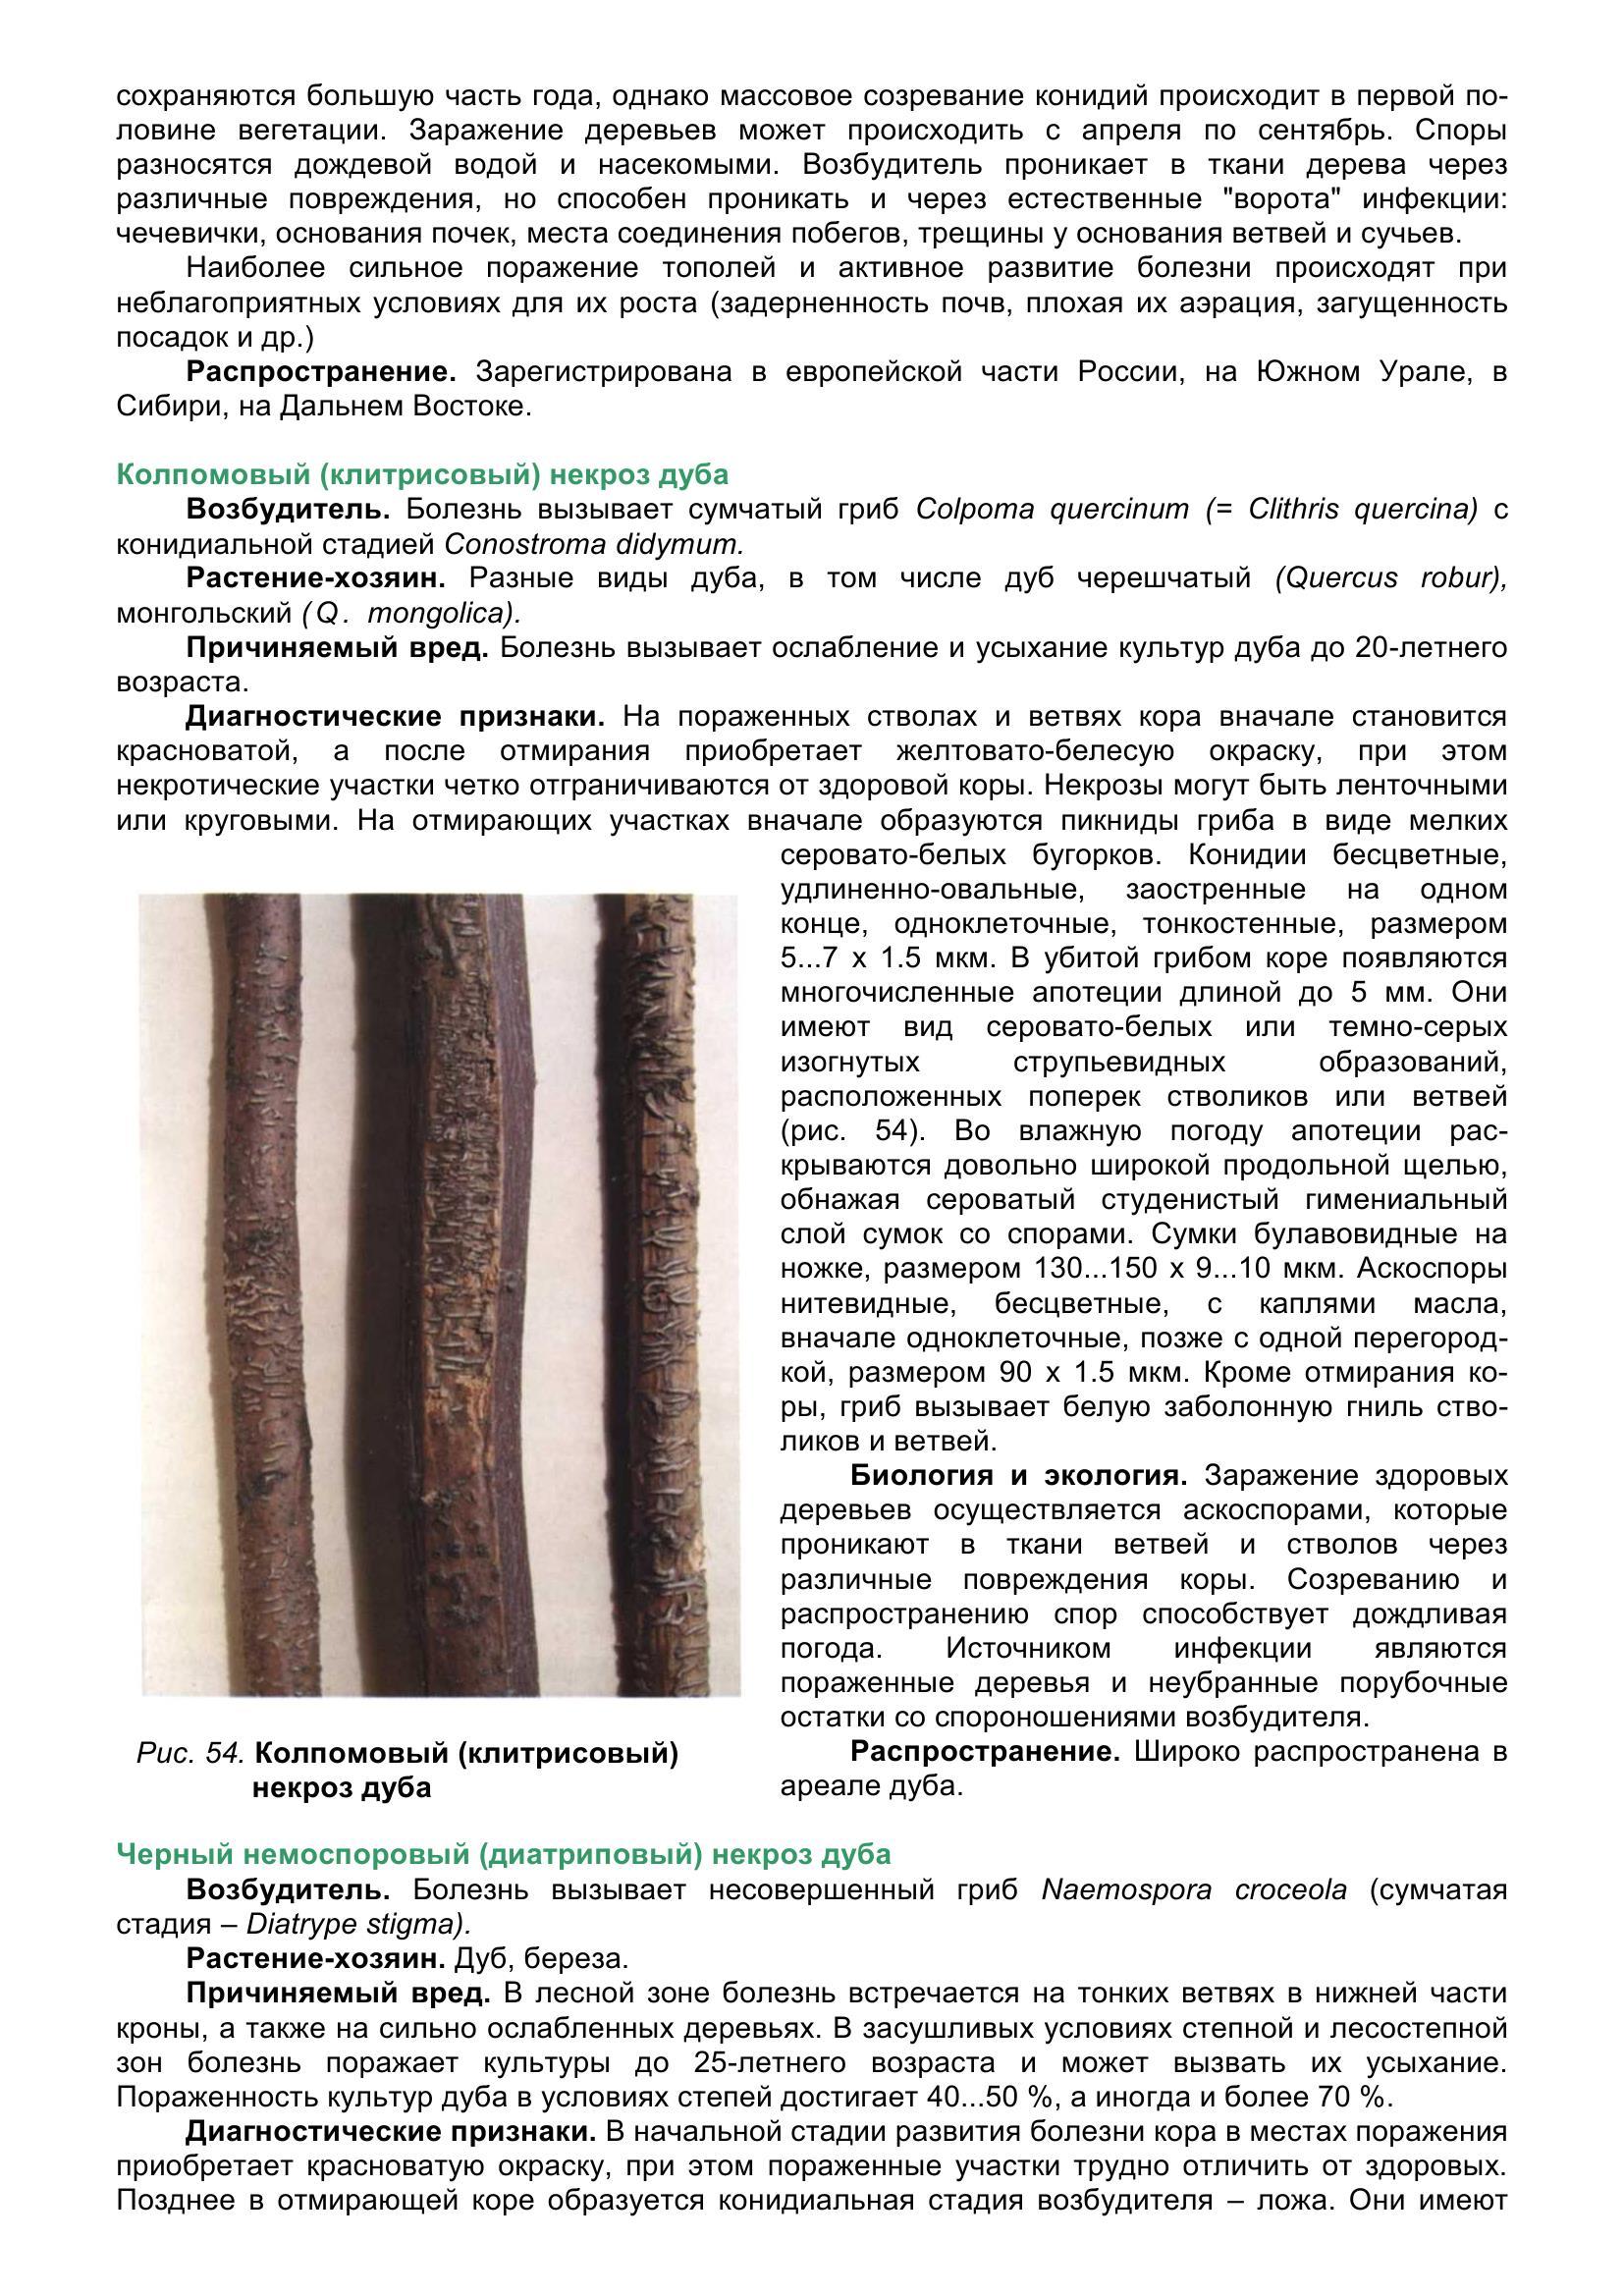 Болезни_древесных_растений_066.jpg